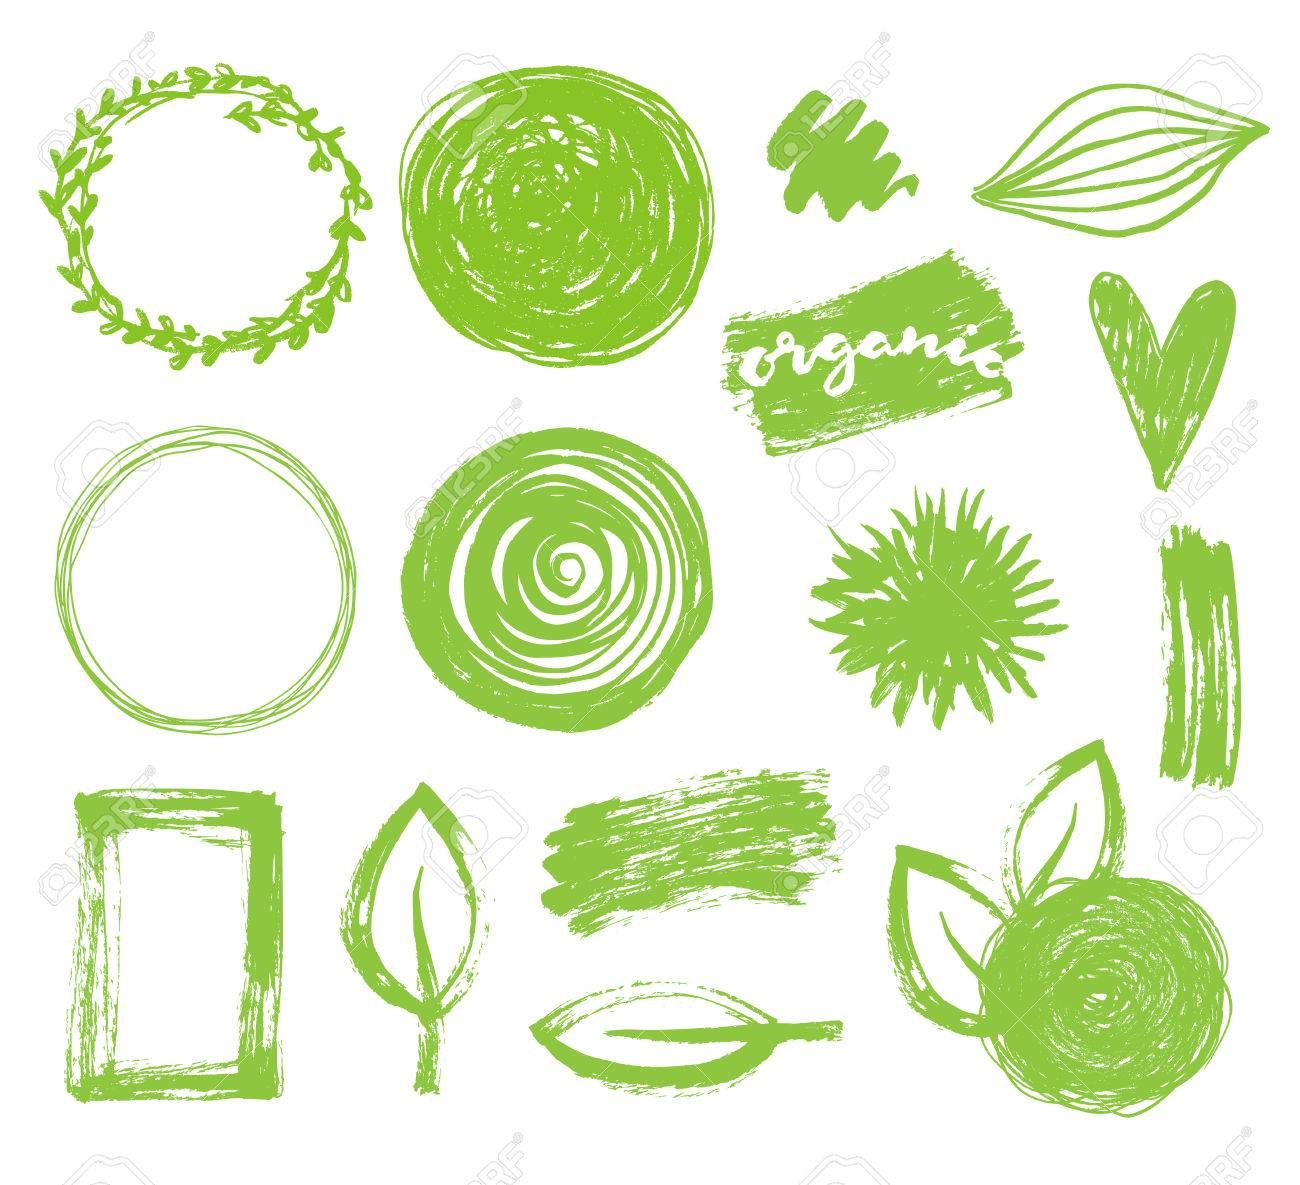 Vector Dibujado A Mano Marcos Verdes Fijados. Eco, Bio, Diseño De ...